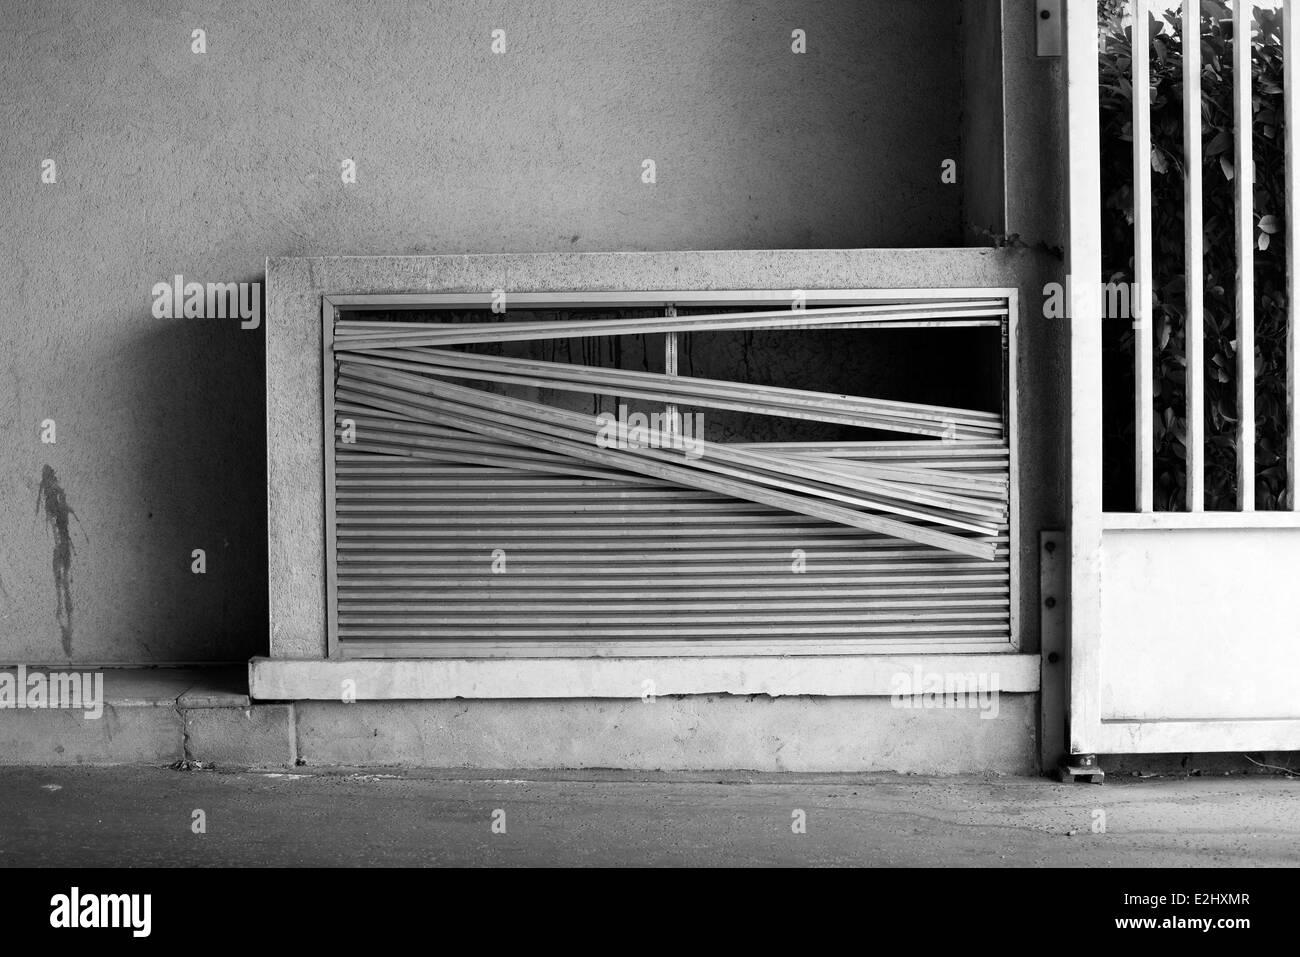 Broken shutter - Stock Image